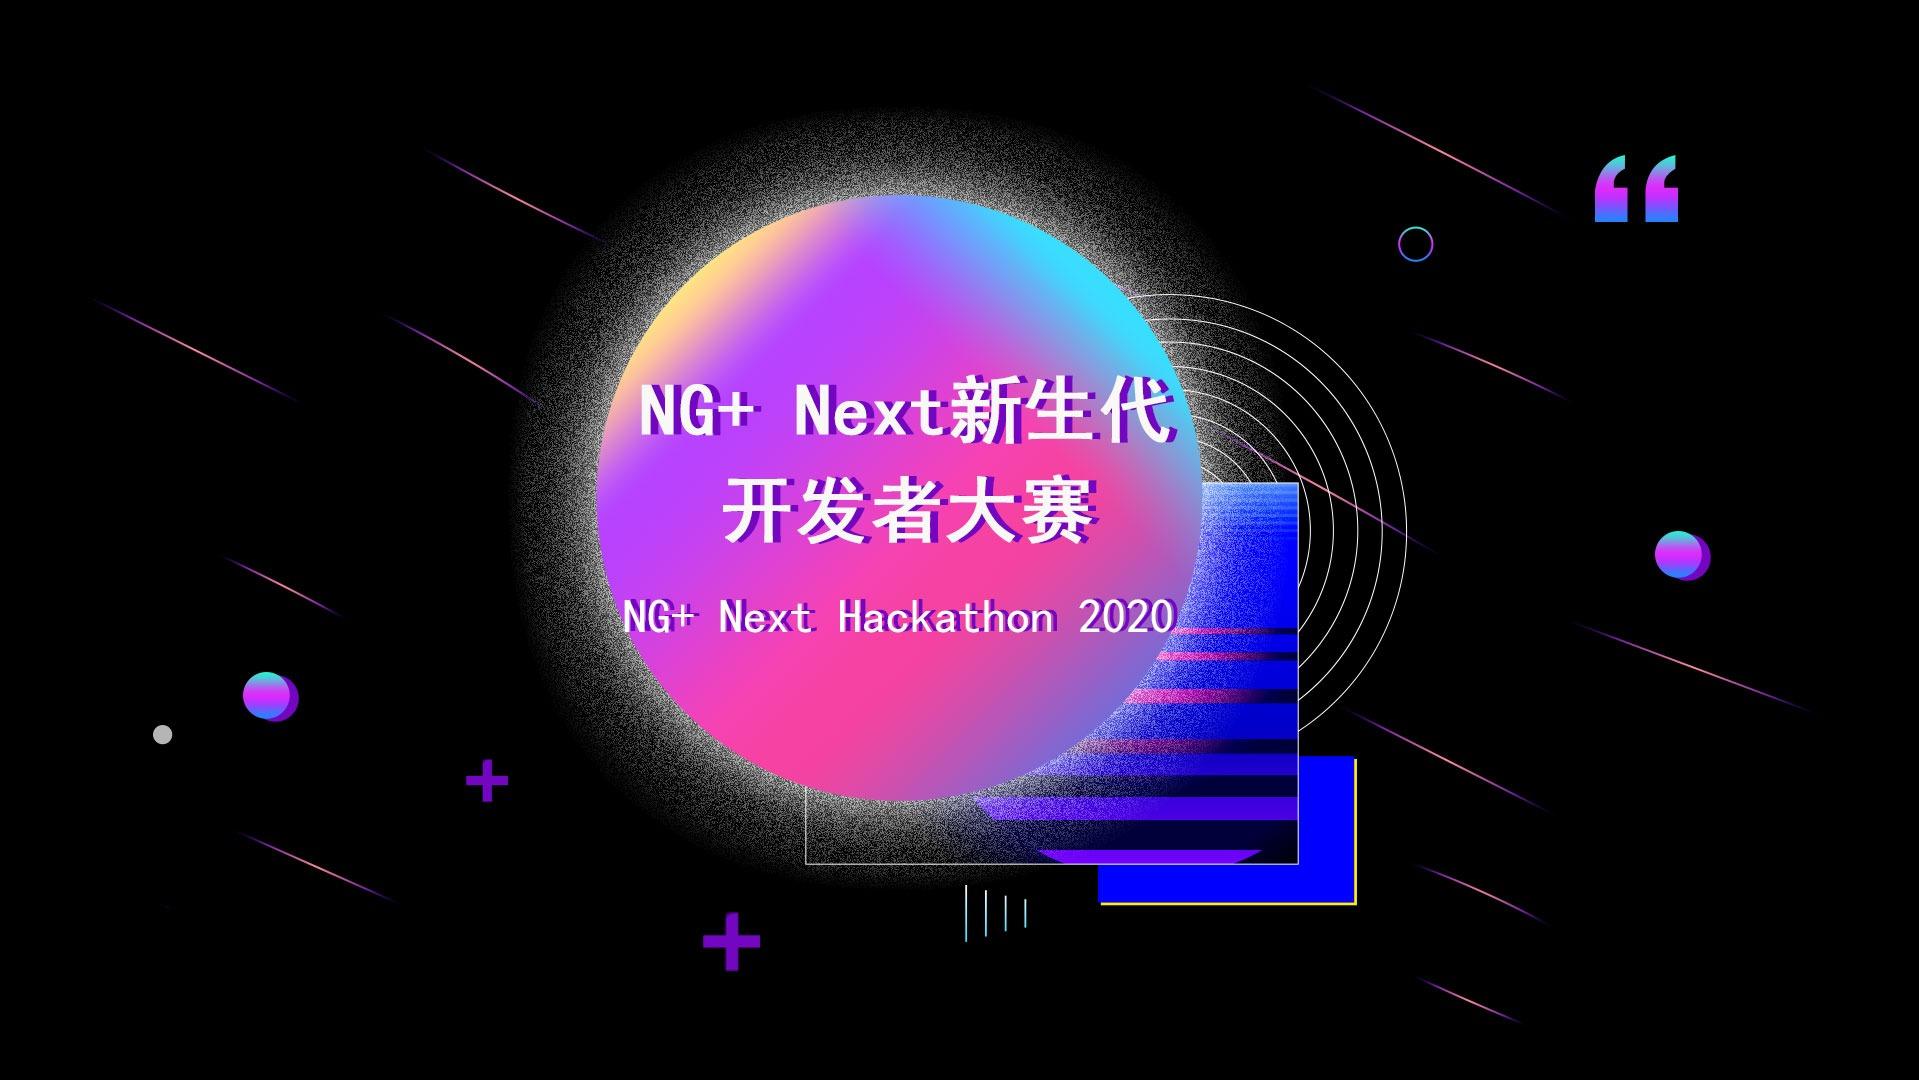 NG+ Next Hackathon 2020